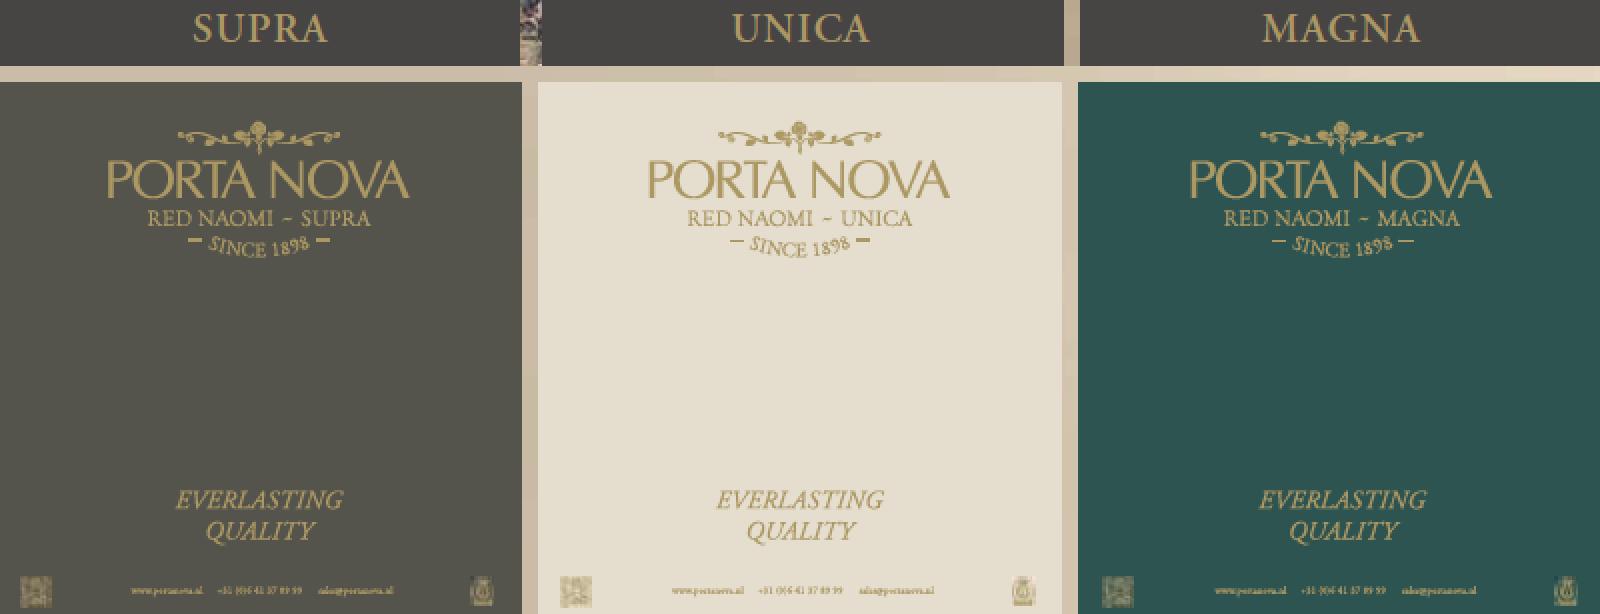 Porta Nova New assortment SUPRA - UNICA -MAGNA